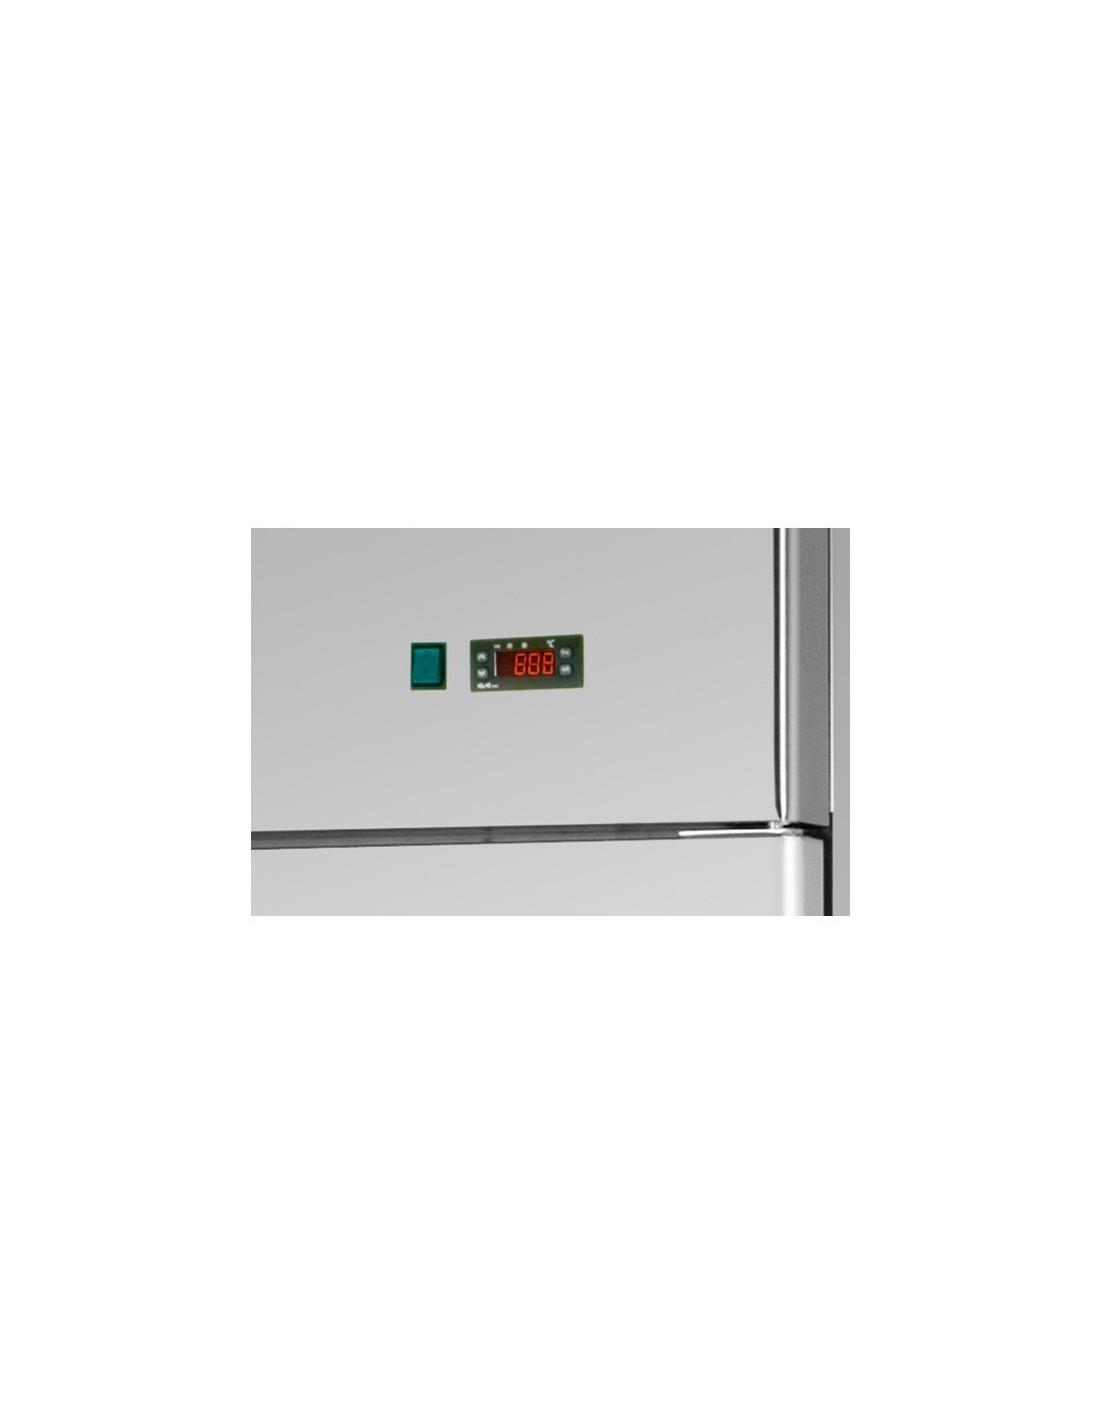 armadio combinato refrigerato gn 2 1 doppia temperatura 2 sportelli. Black Bedroom Furniture Sets. Home Design Ideas